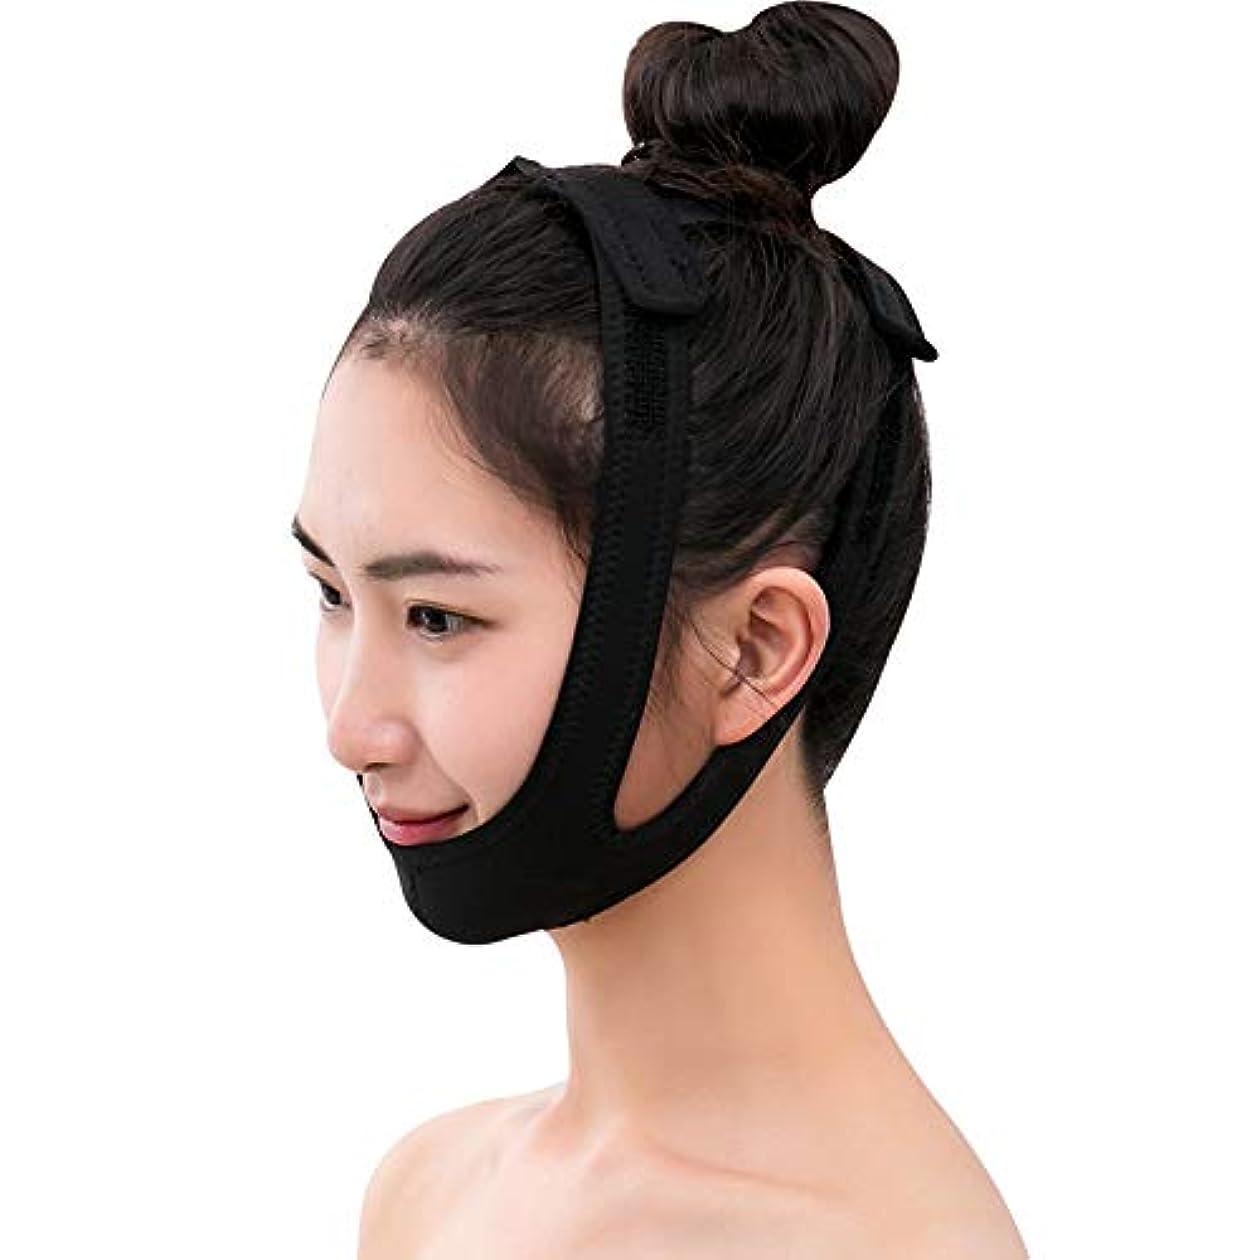 ペダル腐敗した縮れた薄いフェイスバンド - 薄い顔の包帯ビューティーインストゥルメントフェイシャルリフト睡眠マスク法Vフェイスマスクの通気性を作る